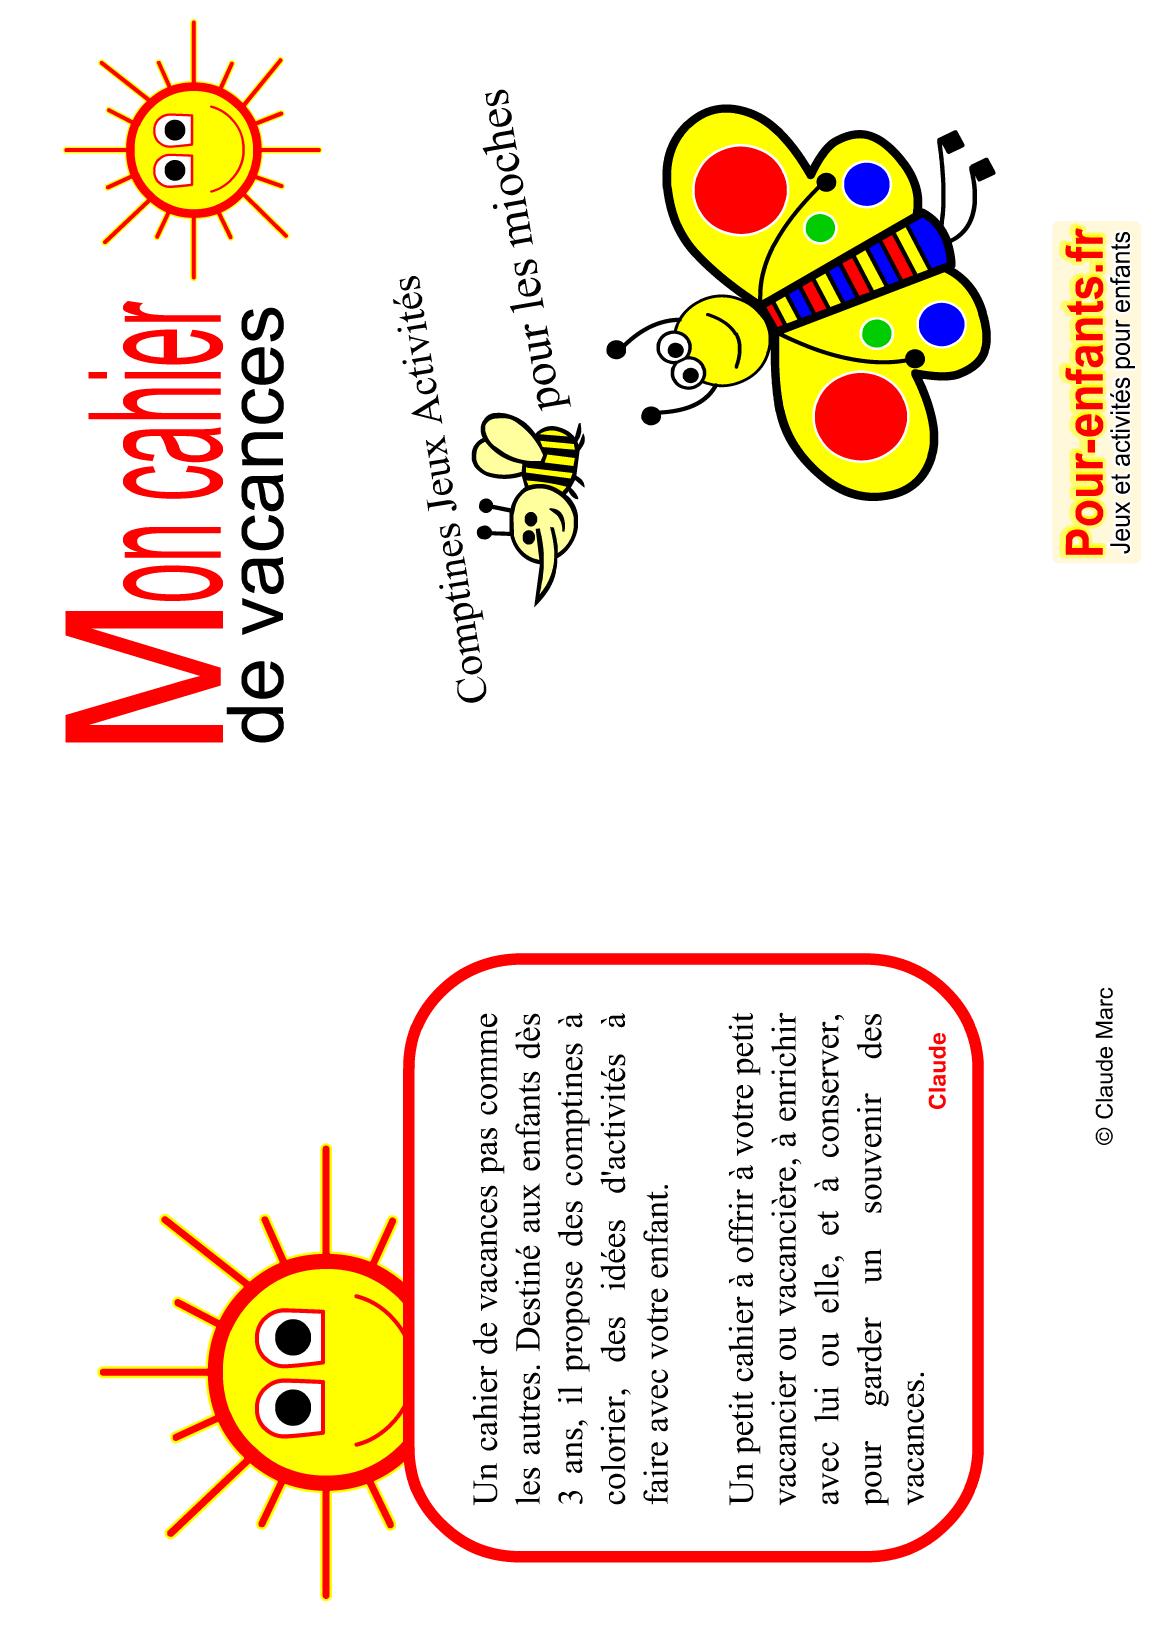 Cahier De Vacances Gratuit À Imprimer Maternelle Enfants avec Cahier De Vacances Maternelle À Imprimer